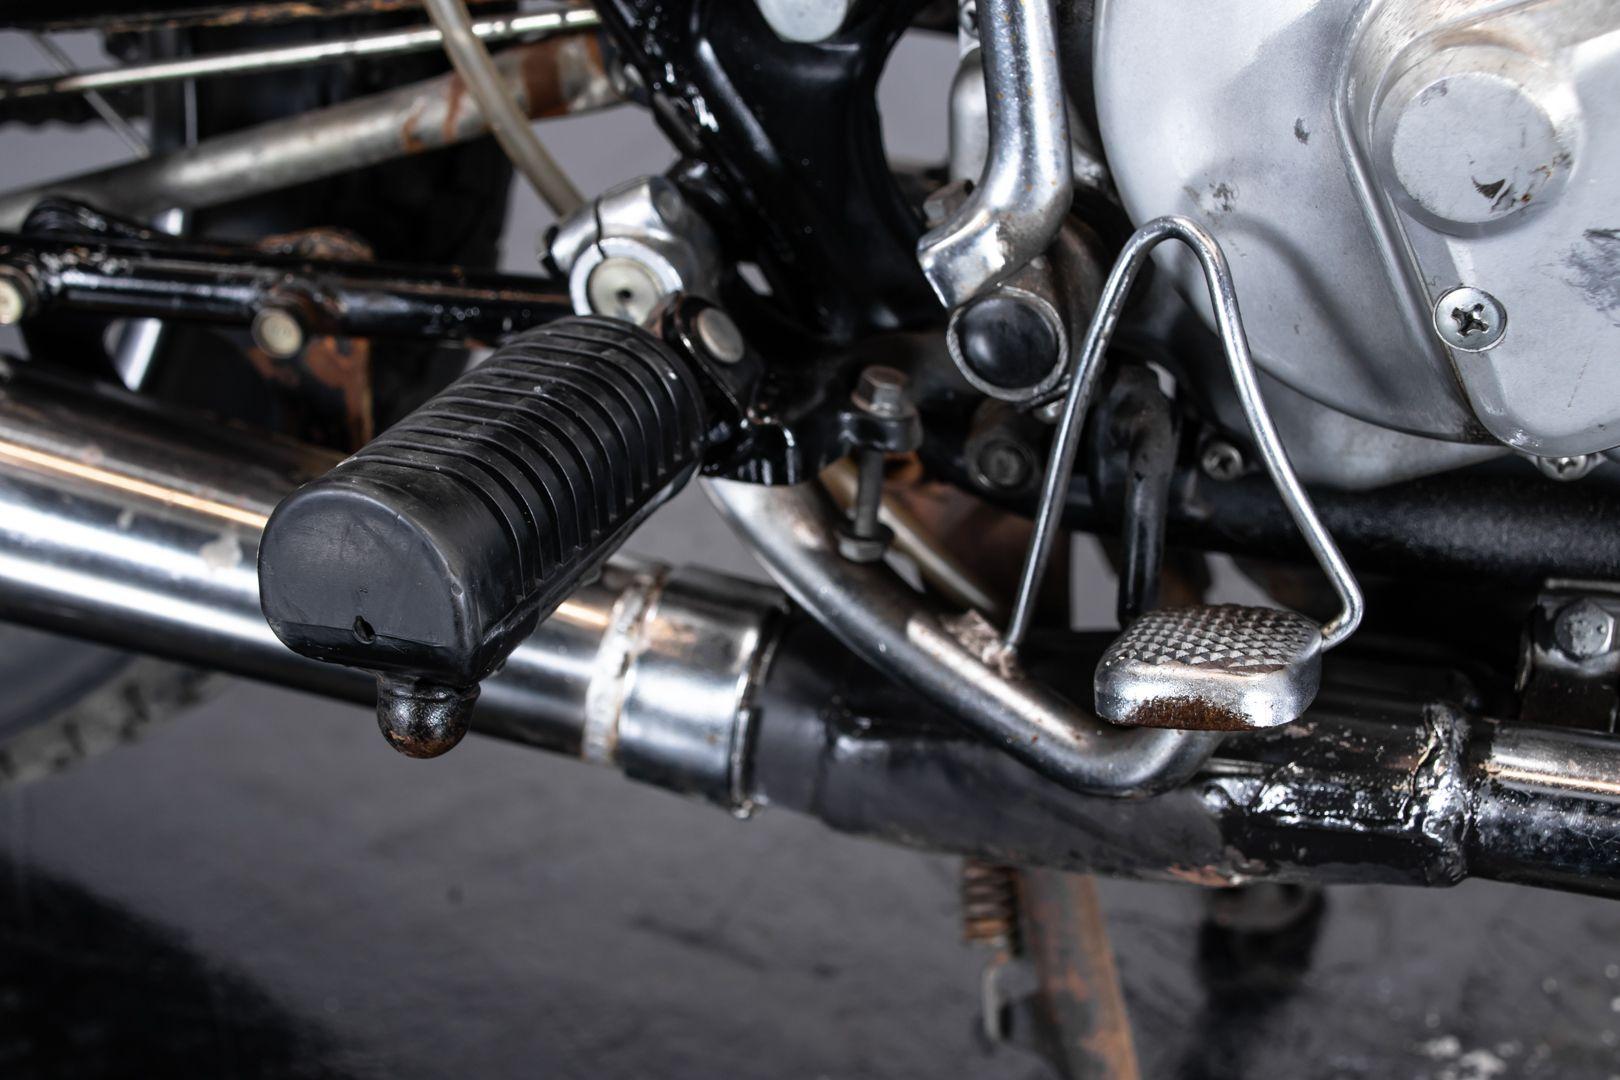 1976 Honda Four 400 SS 79887